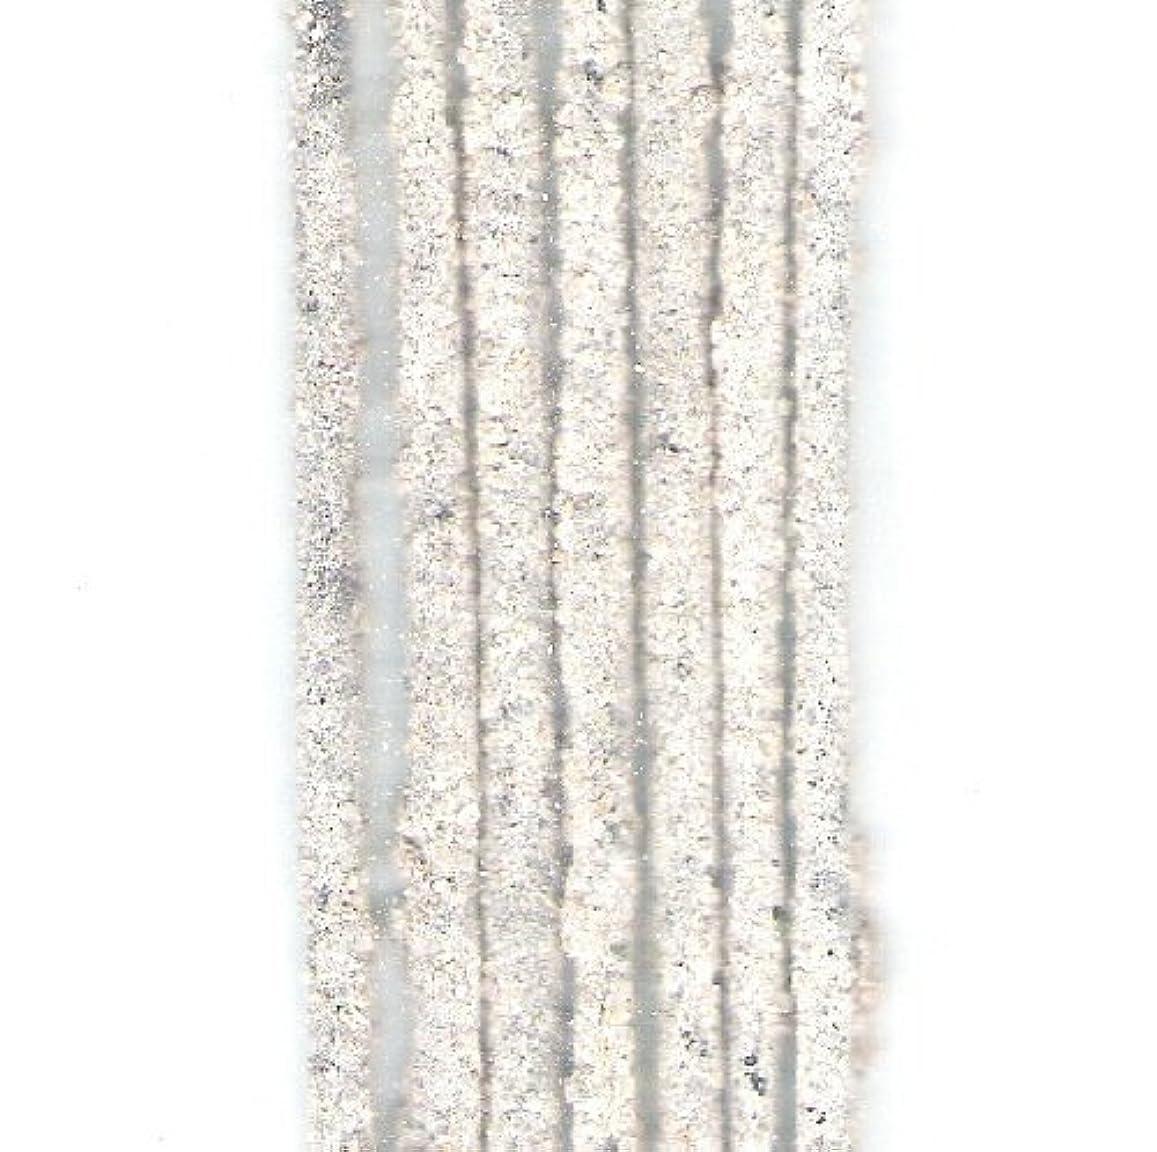 日付付き上昇立証するNature Frankincense Benzoin Pure樹脂over Stick Incense 10 Sticks